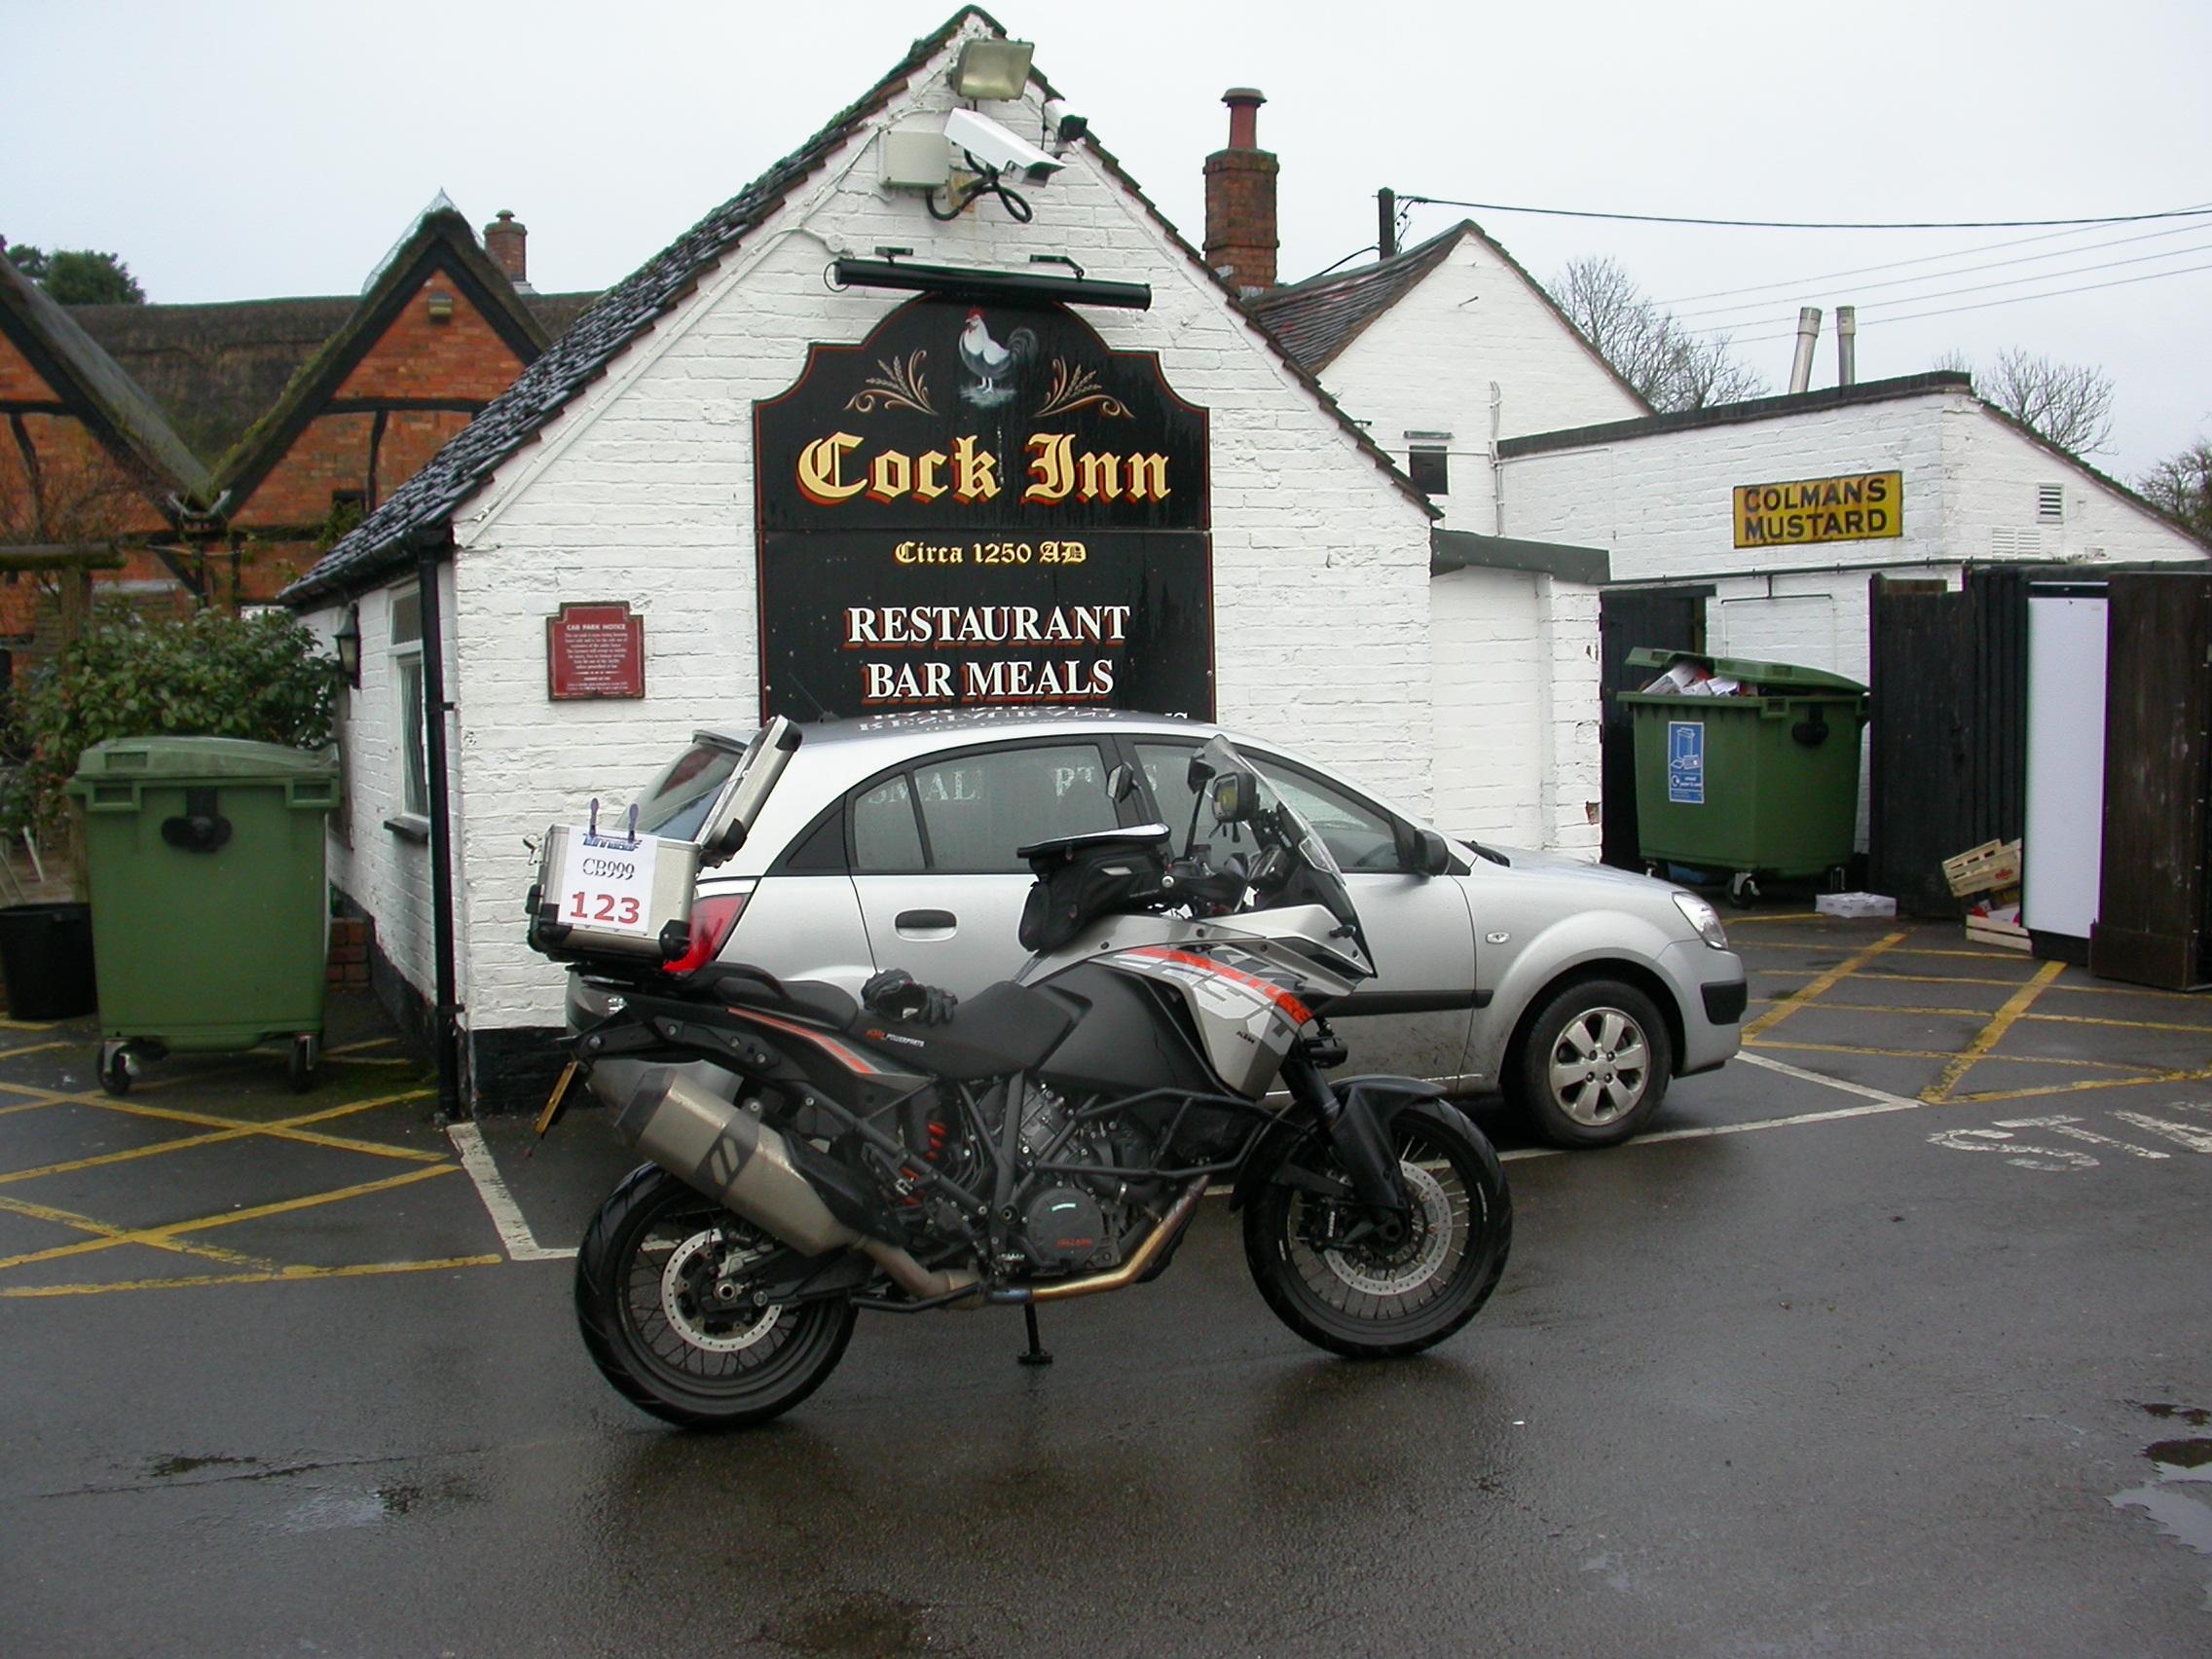 The Cock Inn